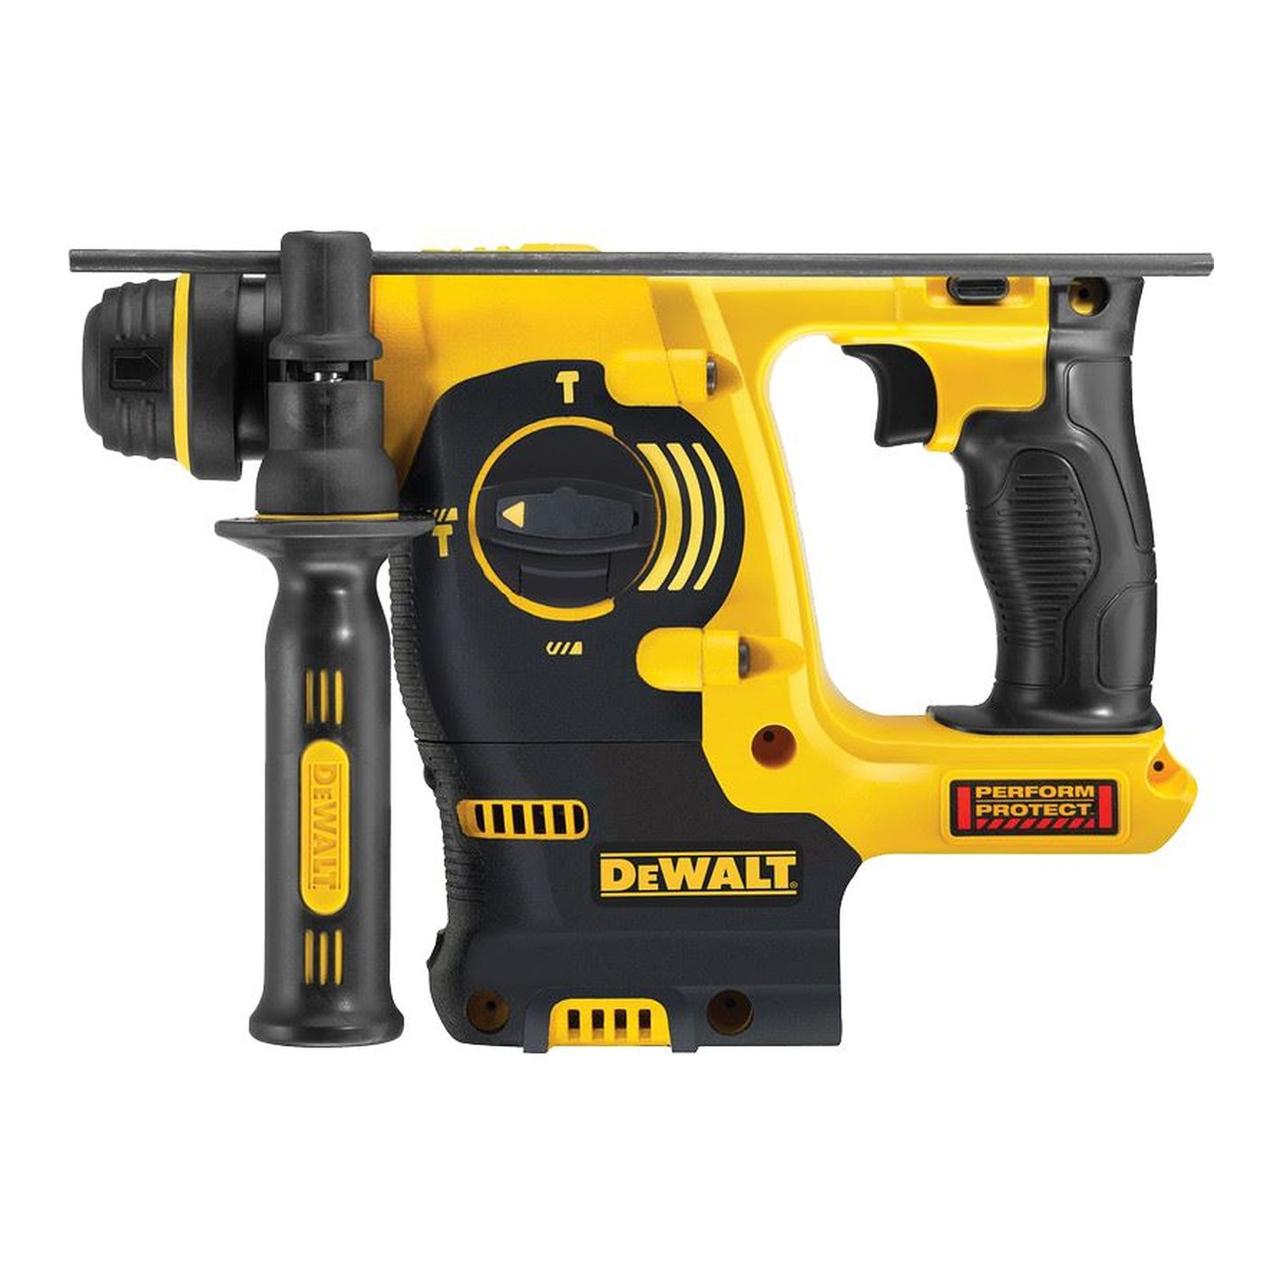 DeWalt SDS+ Hammer Drills